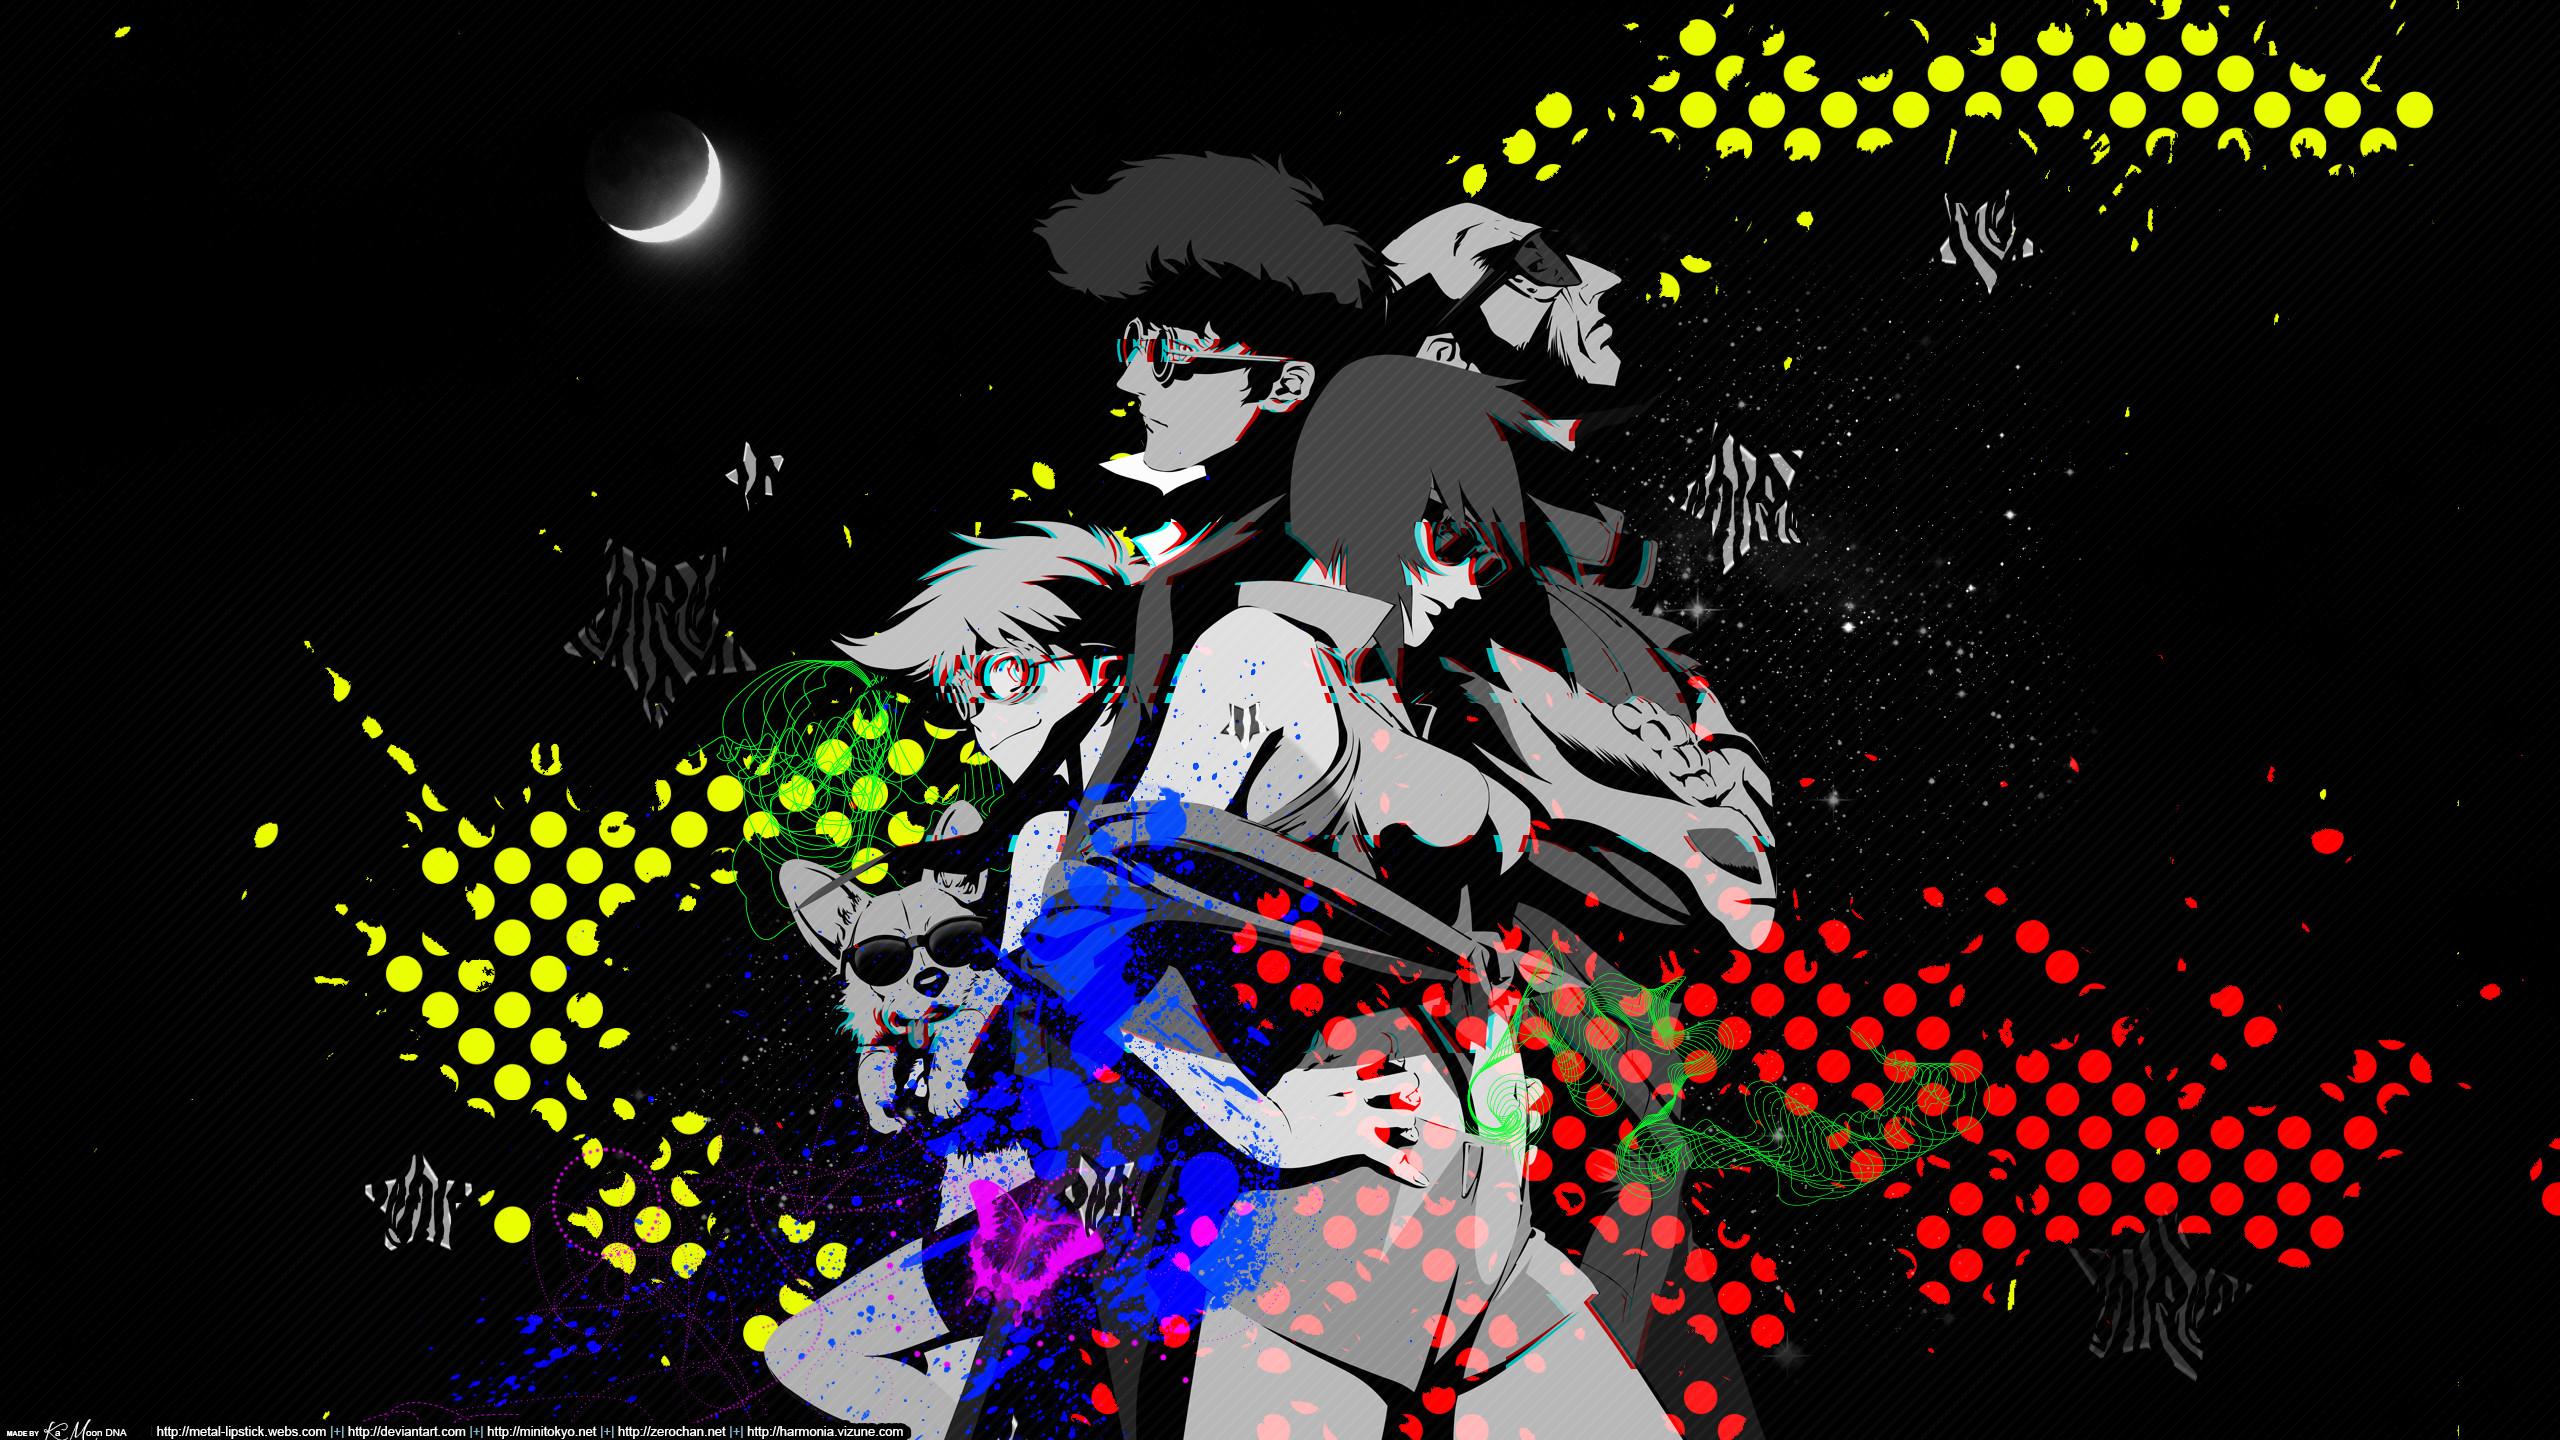 Cowboy Bebop · download Cowboy Bebop image